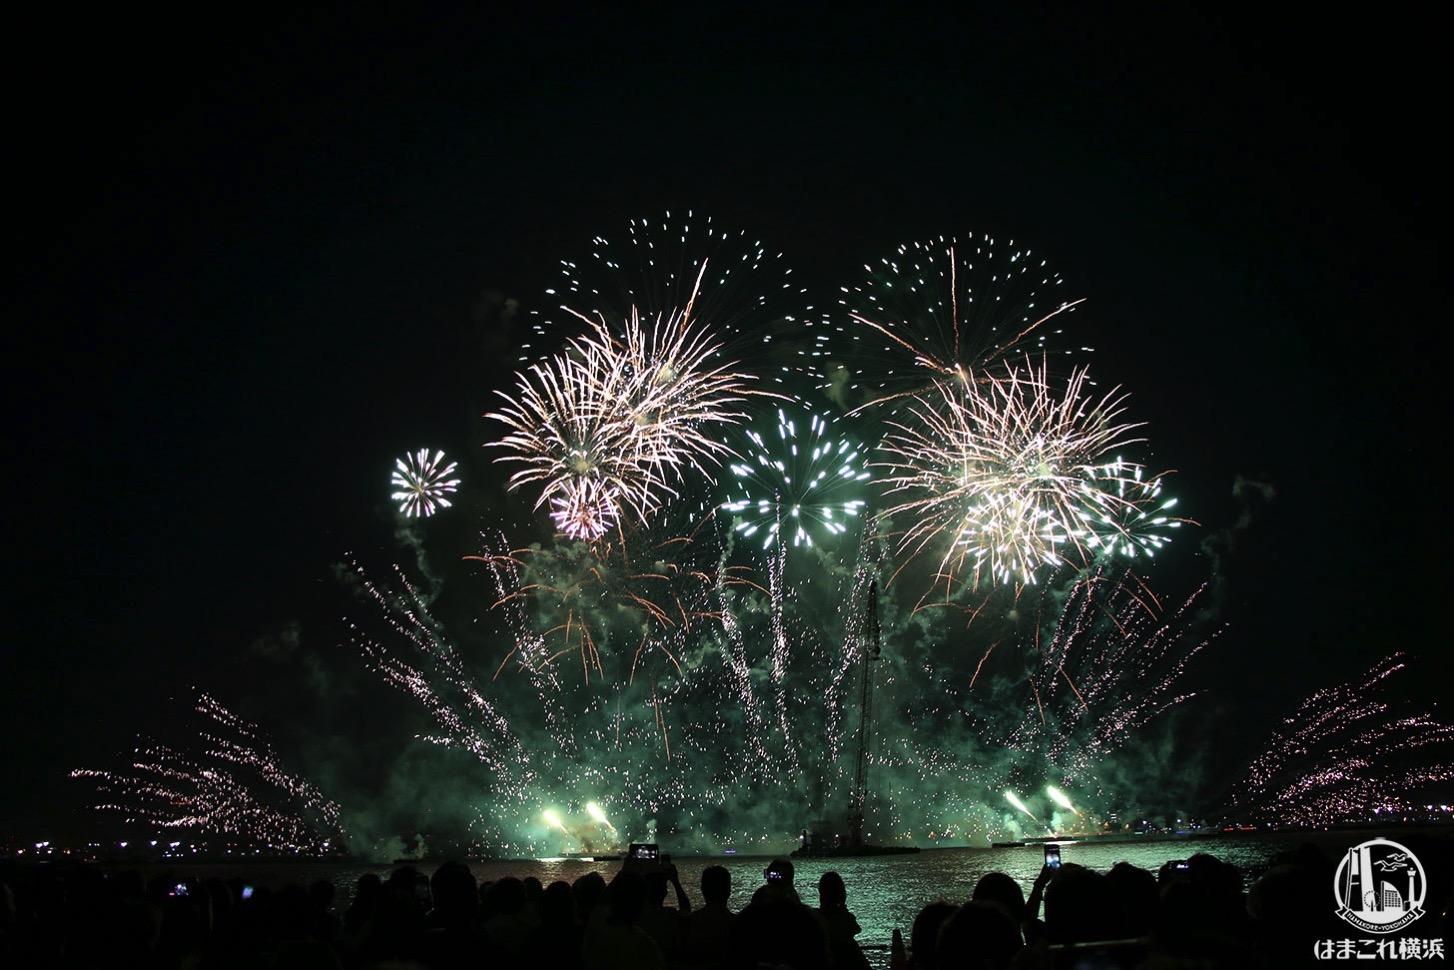 みなとみらいスマートフェスティバルの花火凄すぎ感動の嵐!横浜1位のおすすめ花火大会